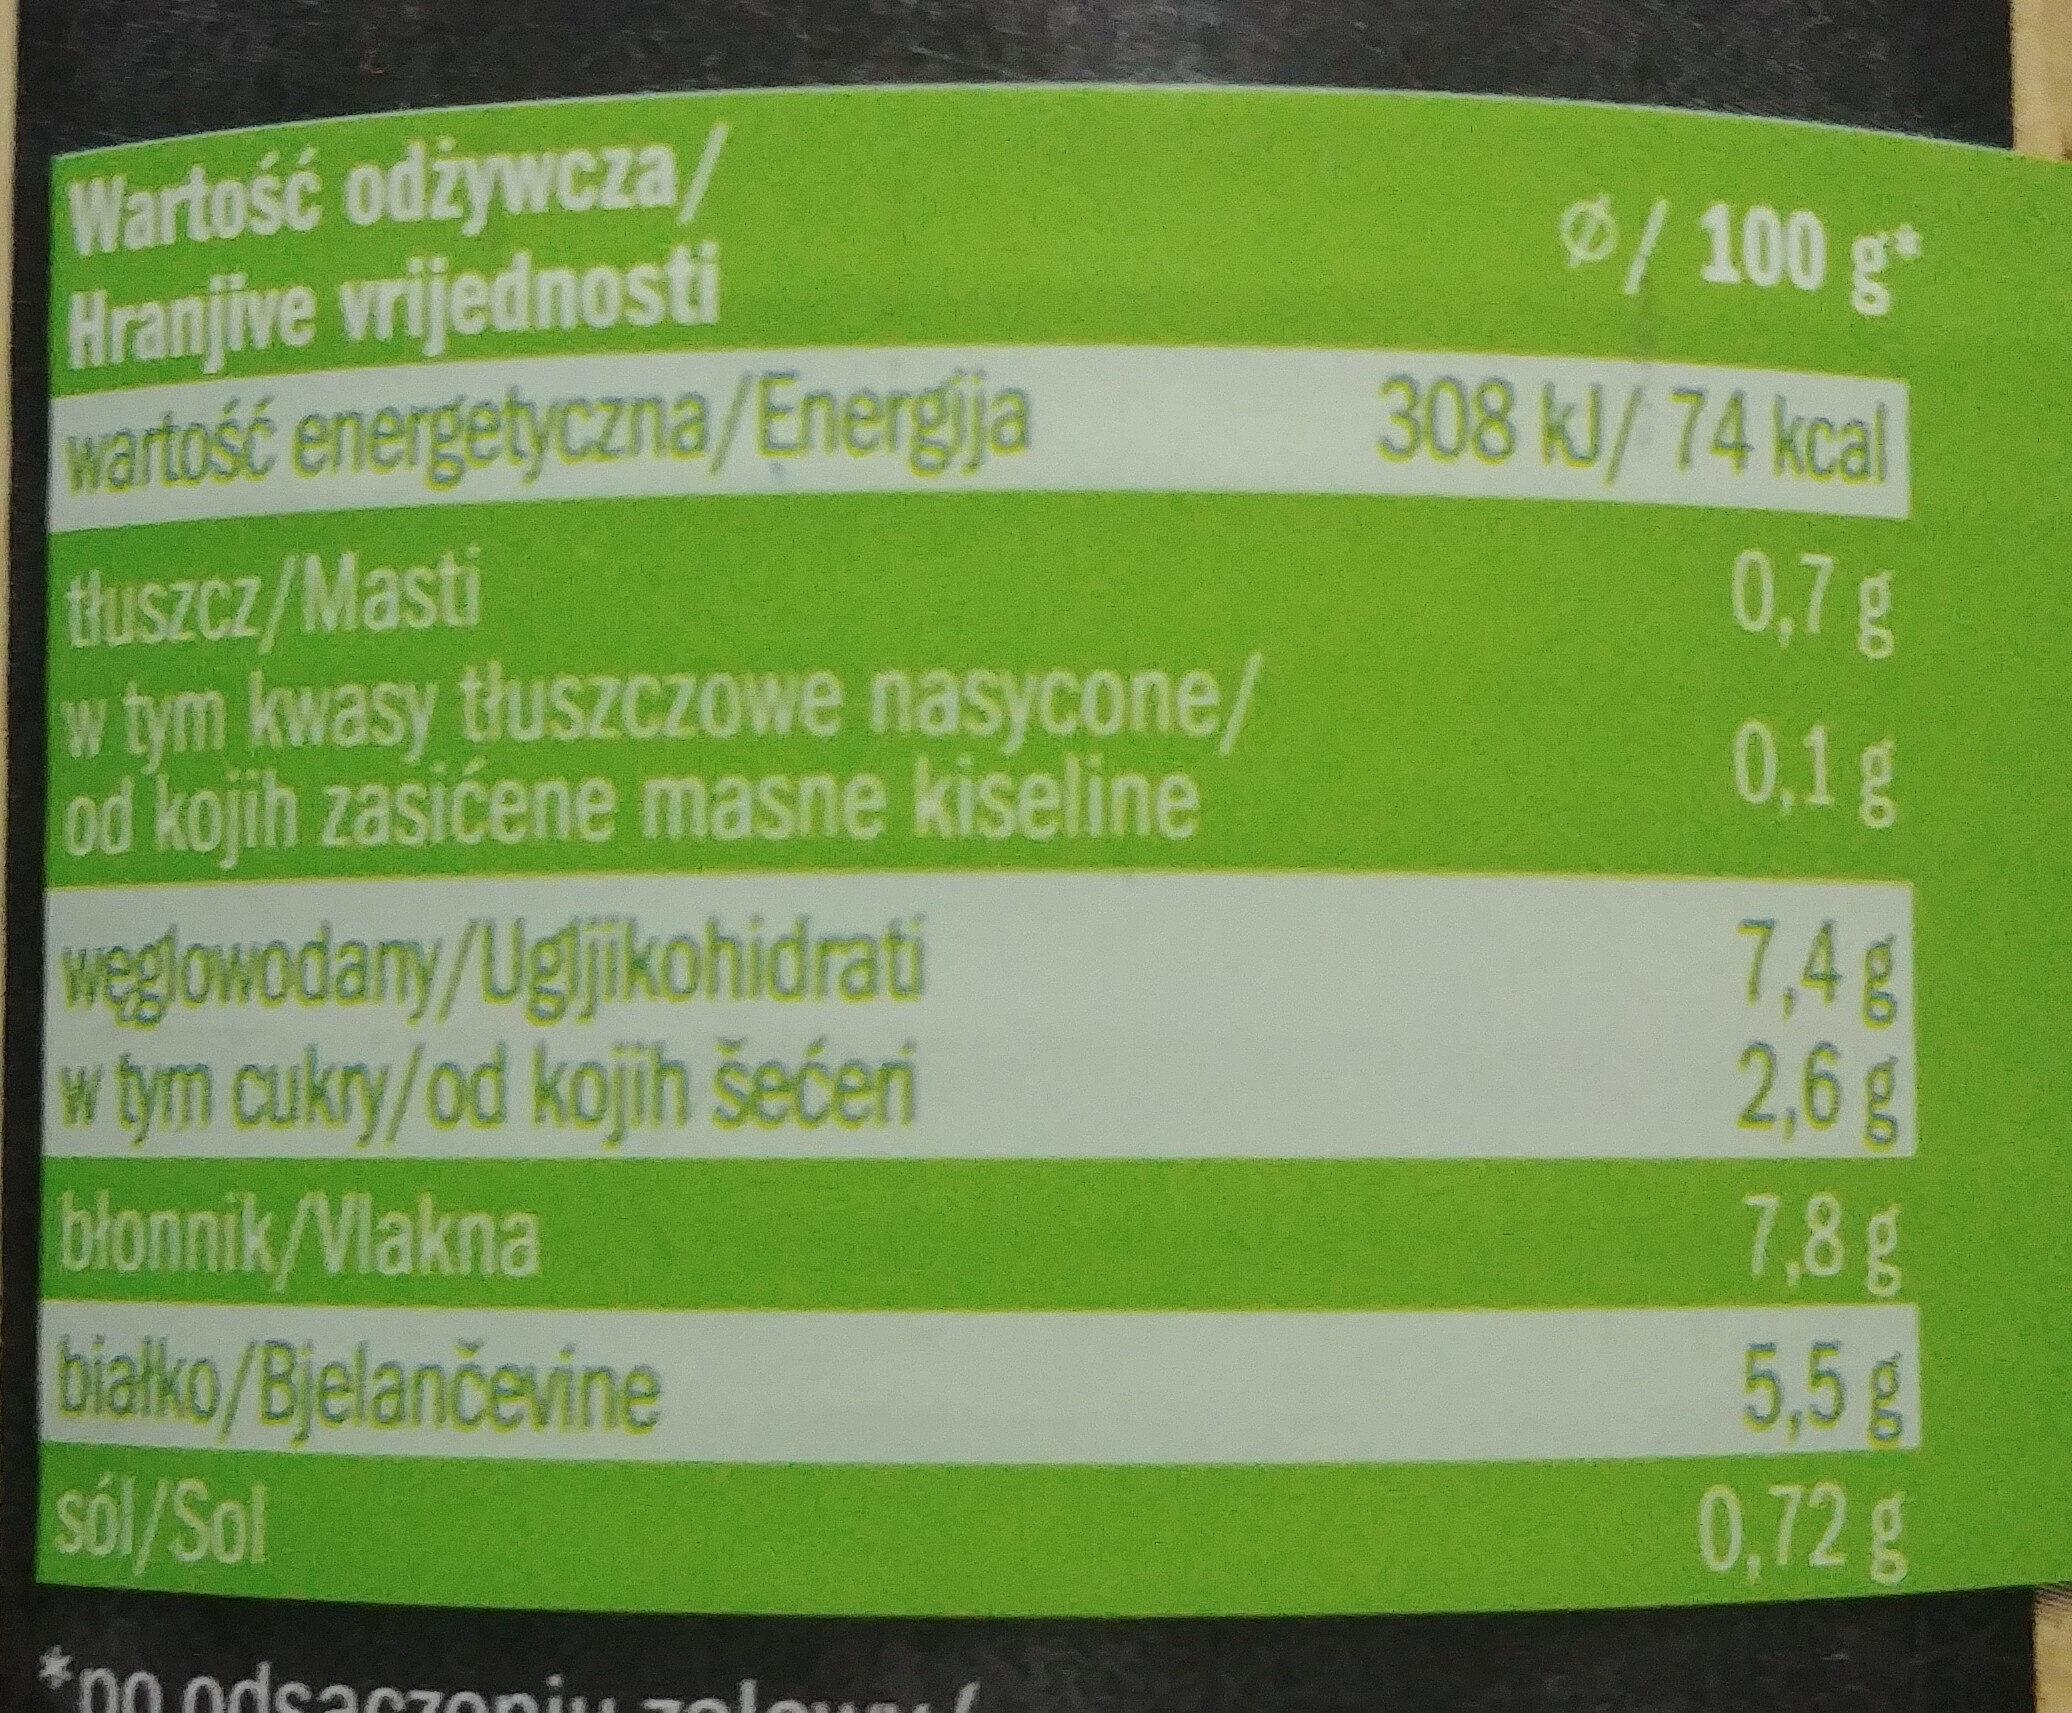 Groszek zielony pasteryzowany - Wartości odżywcze